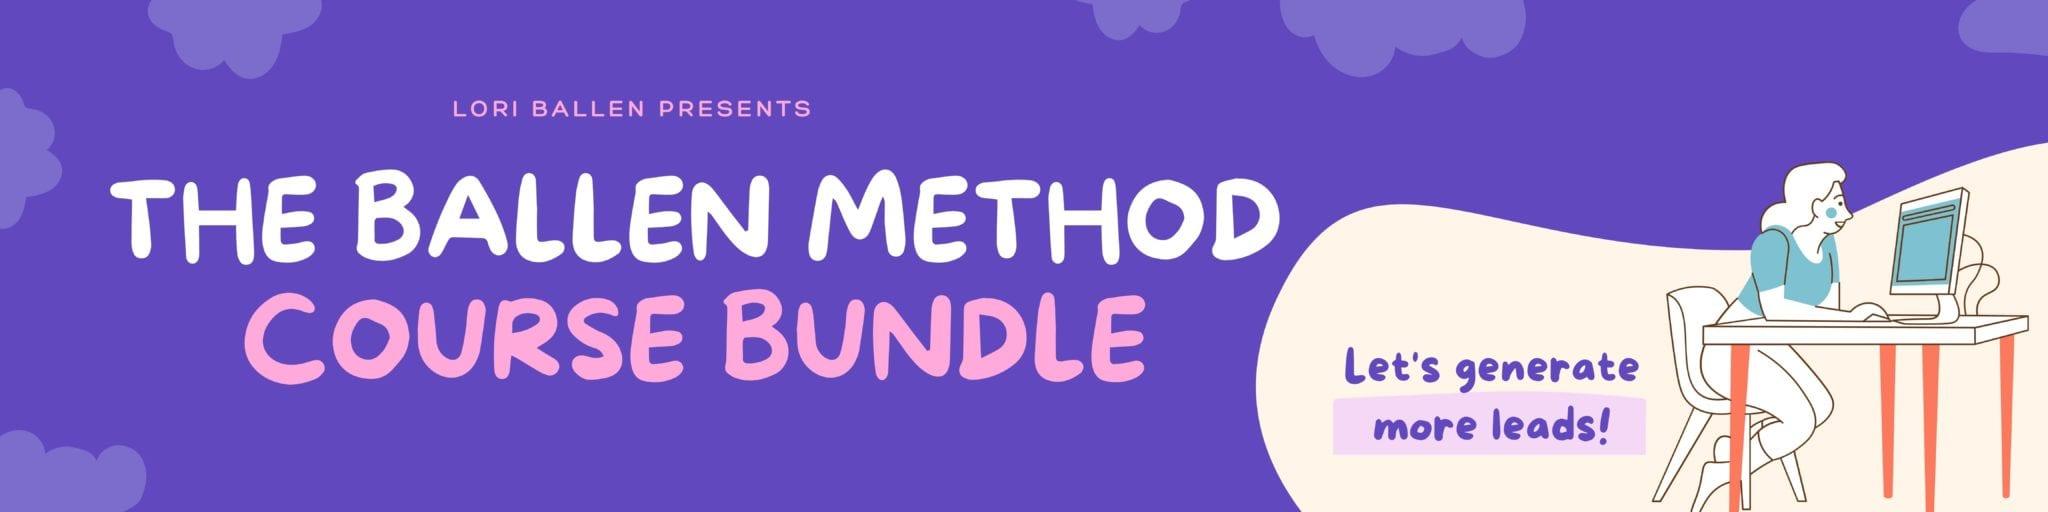 The Ballen Method Course